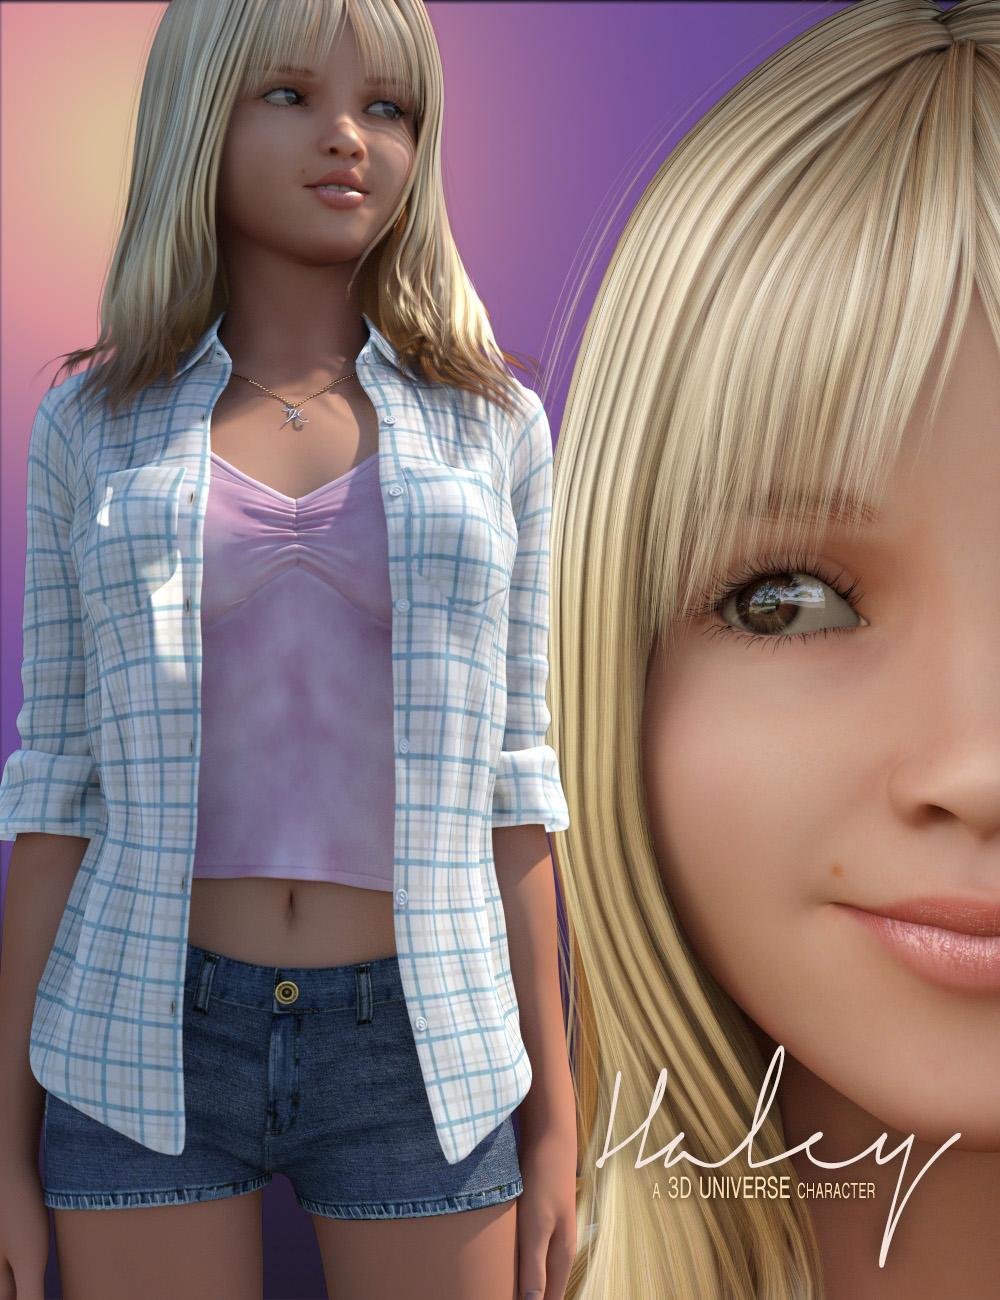 Haley for Genesis 3 Female(s) Bundle by: 3D Universe, 3D Models by Daz 3D